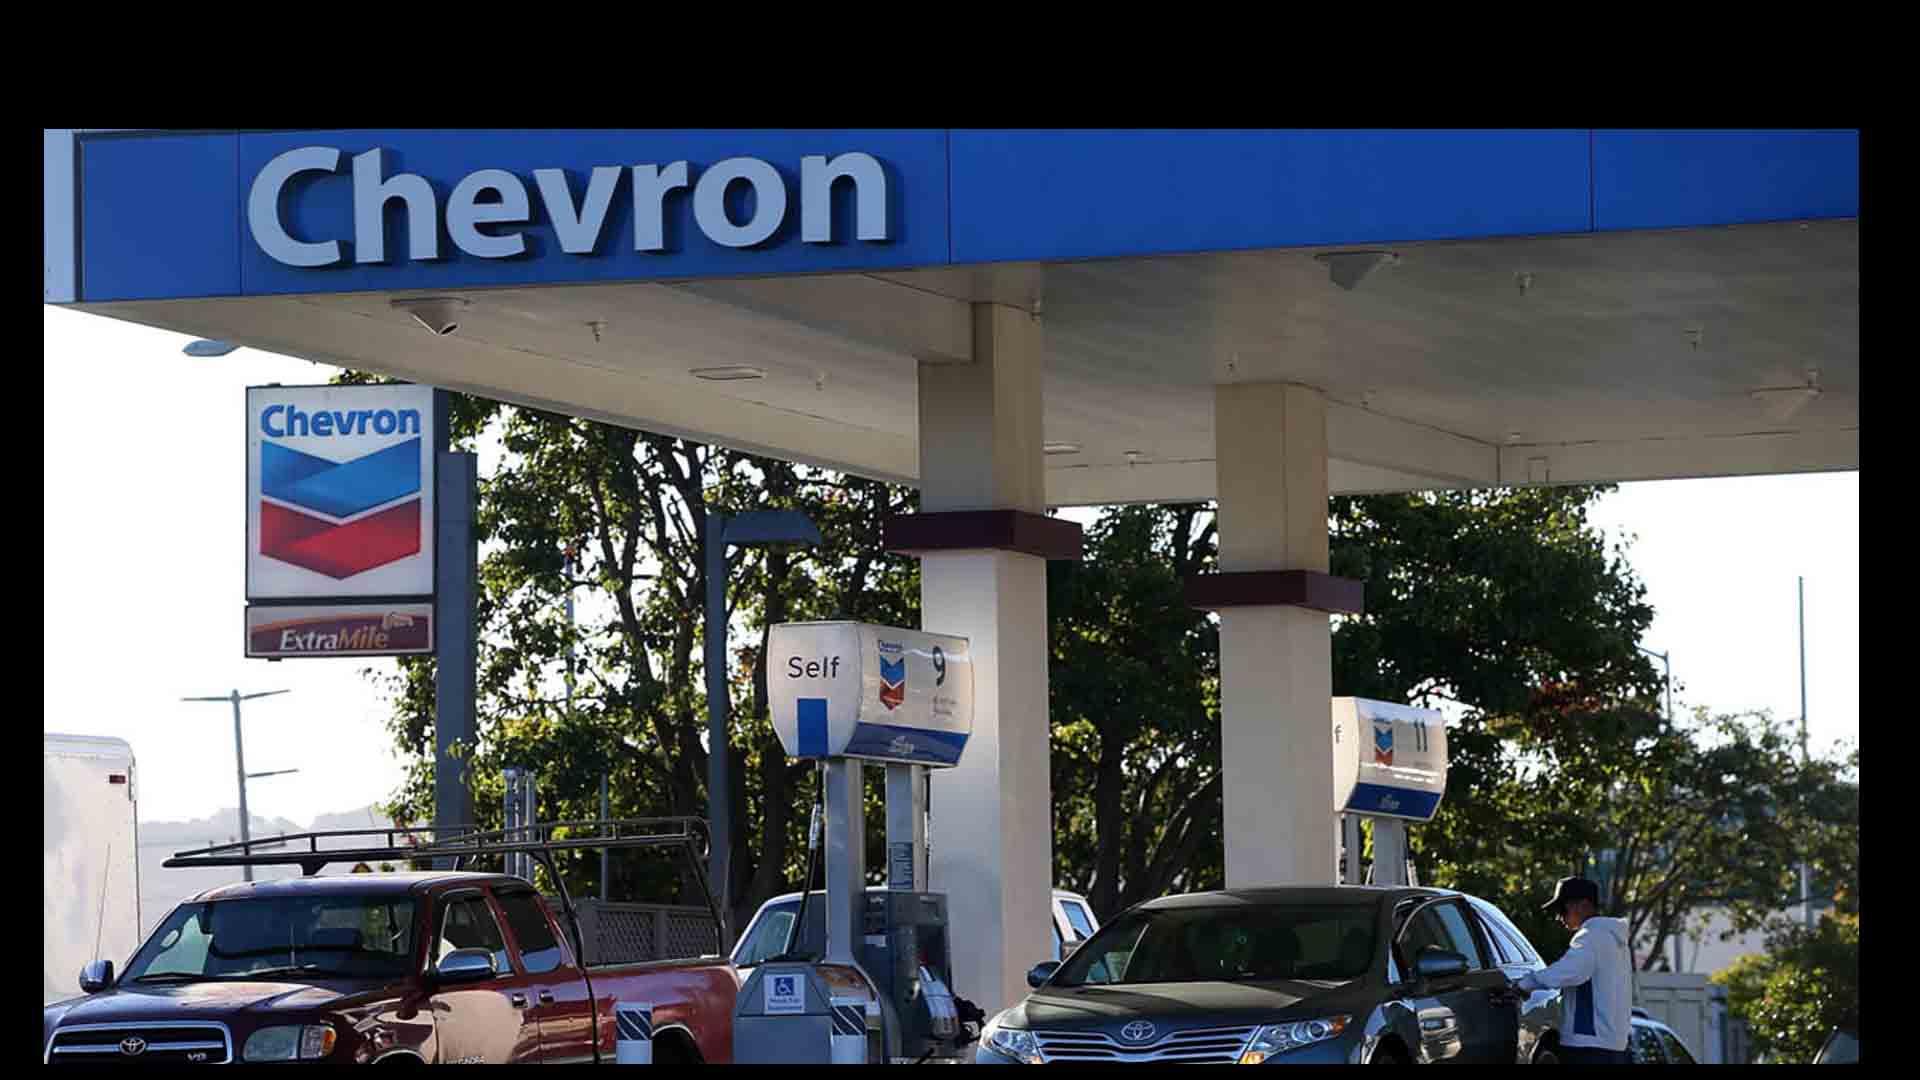 Chevron-Texaco tendrán franquicias de gasolineras en México